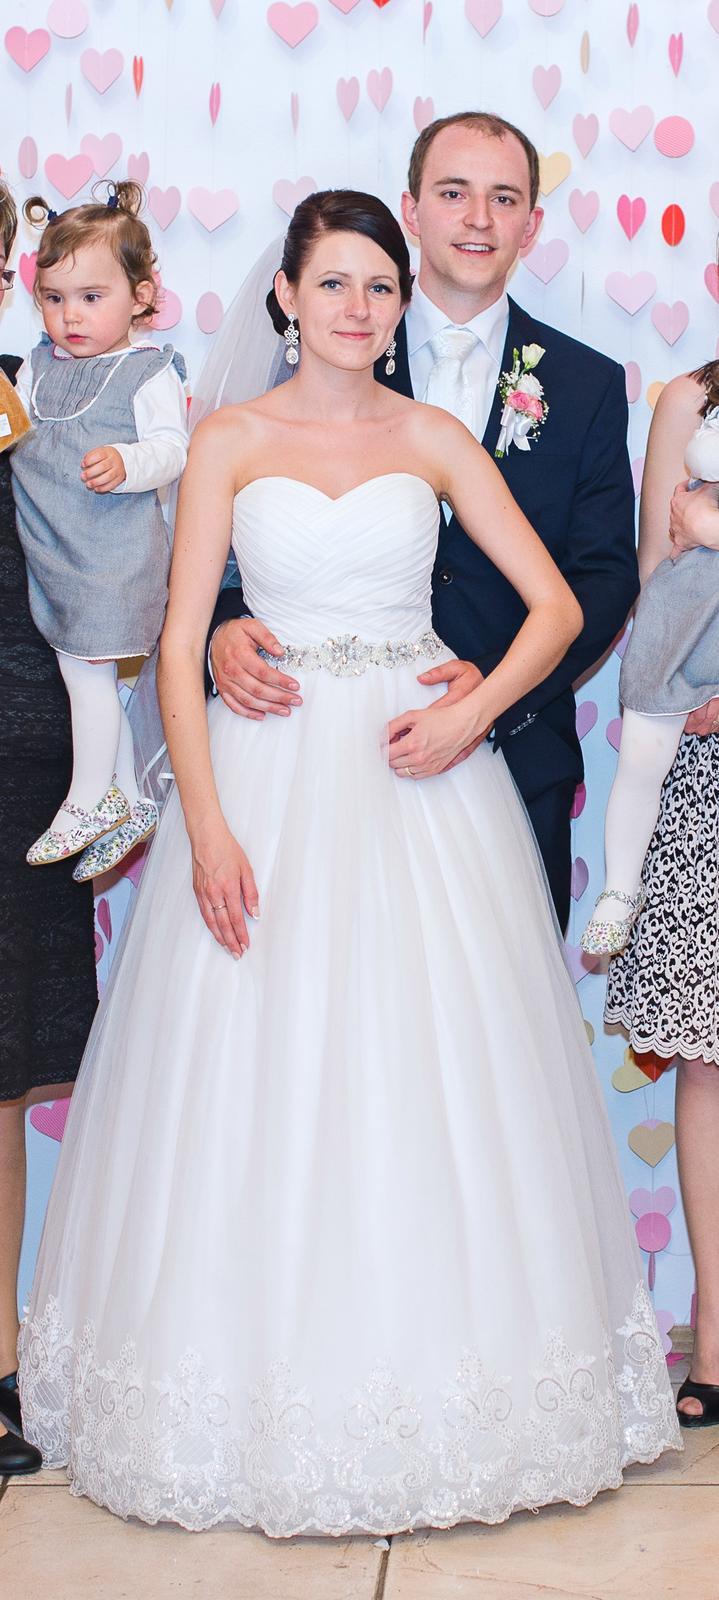 1f64cc5d5 Snehovobiele svadobné šaty s čipkou, 36 - 100 € | Svadobný bazár |  Mojasvadba.sk